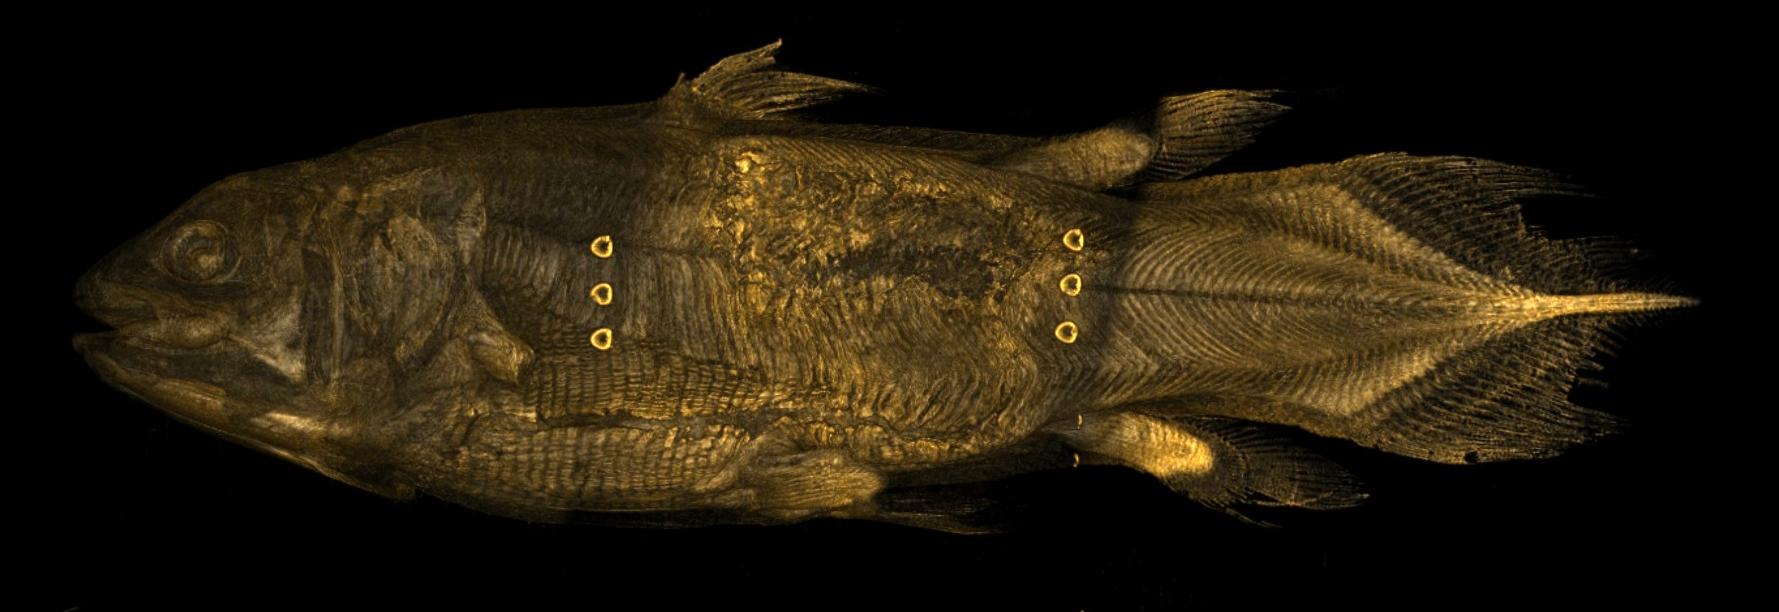 Latimeria chalumnae (Coelacanth) : 3D Volume Render Fish